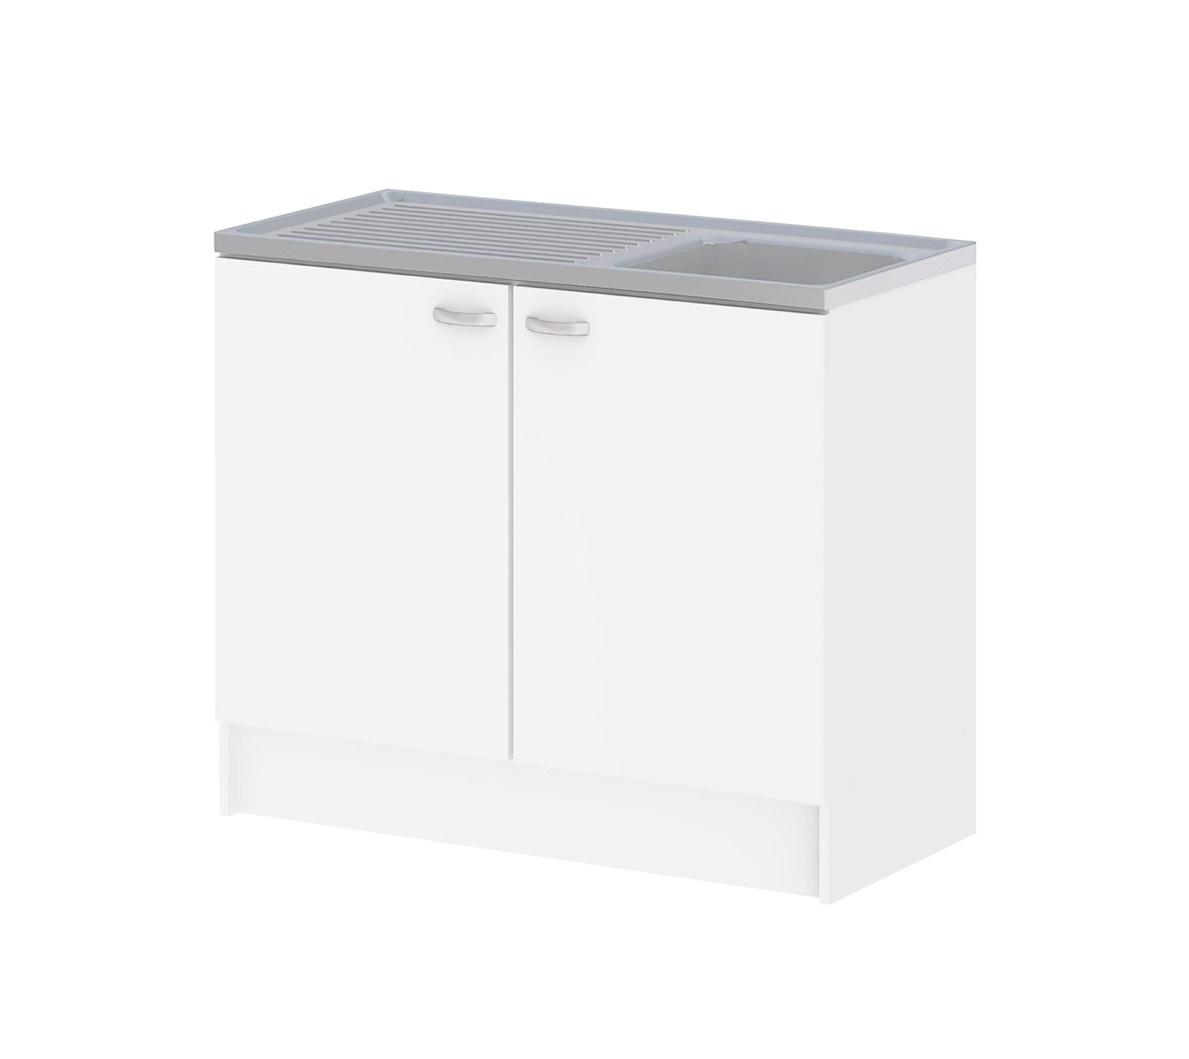 Kuchyňská skříňka Cassie 513 bílá